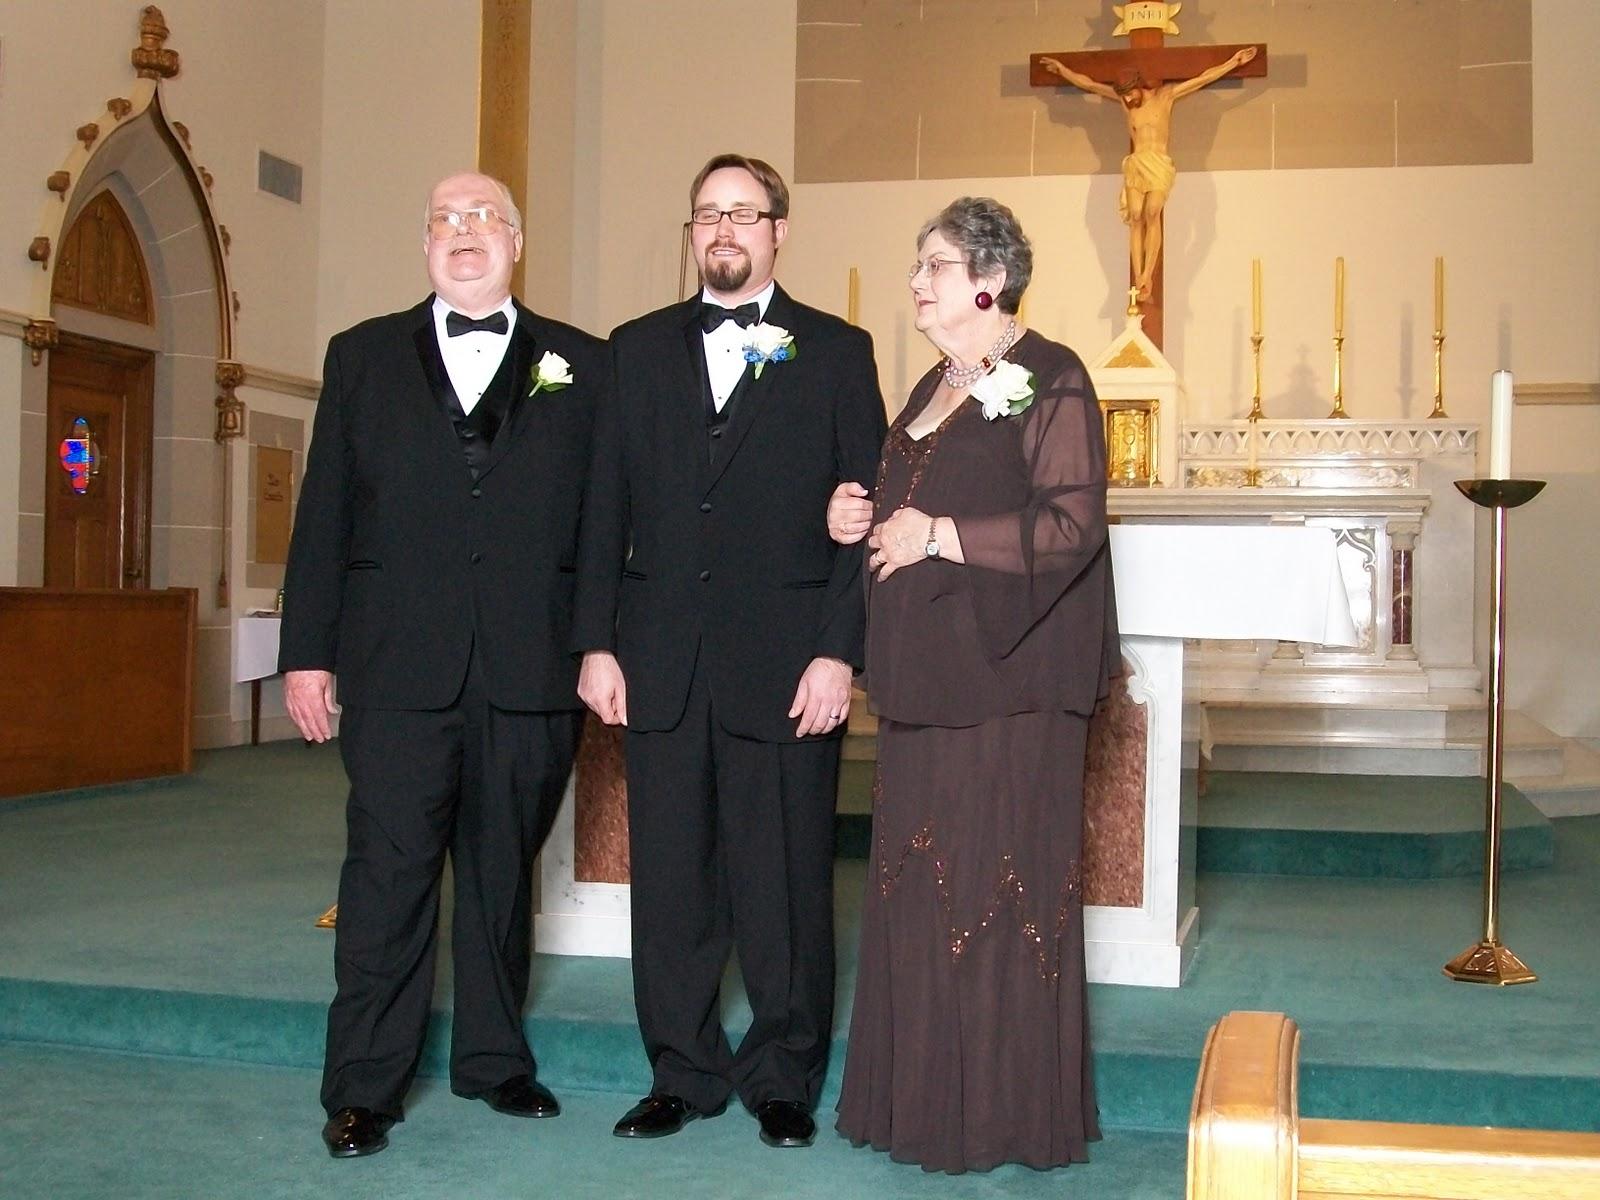 Our Wedding, photos by Joan Moeller - 100_0382.JPG